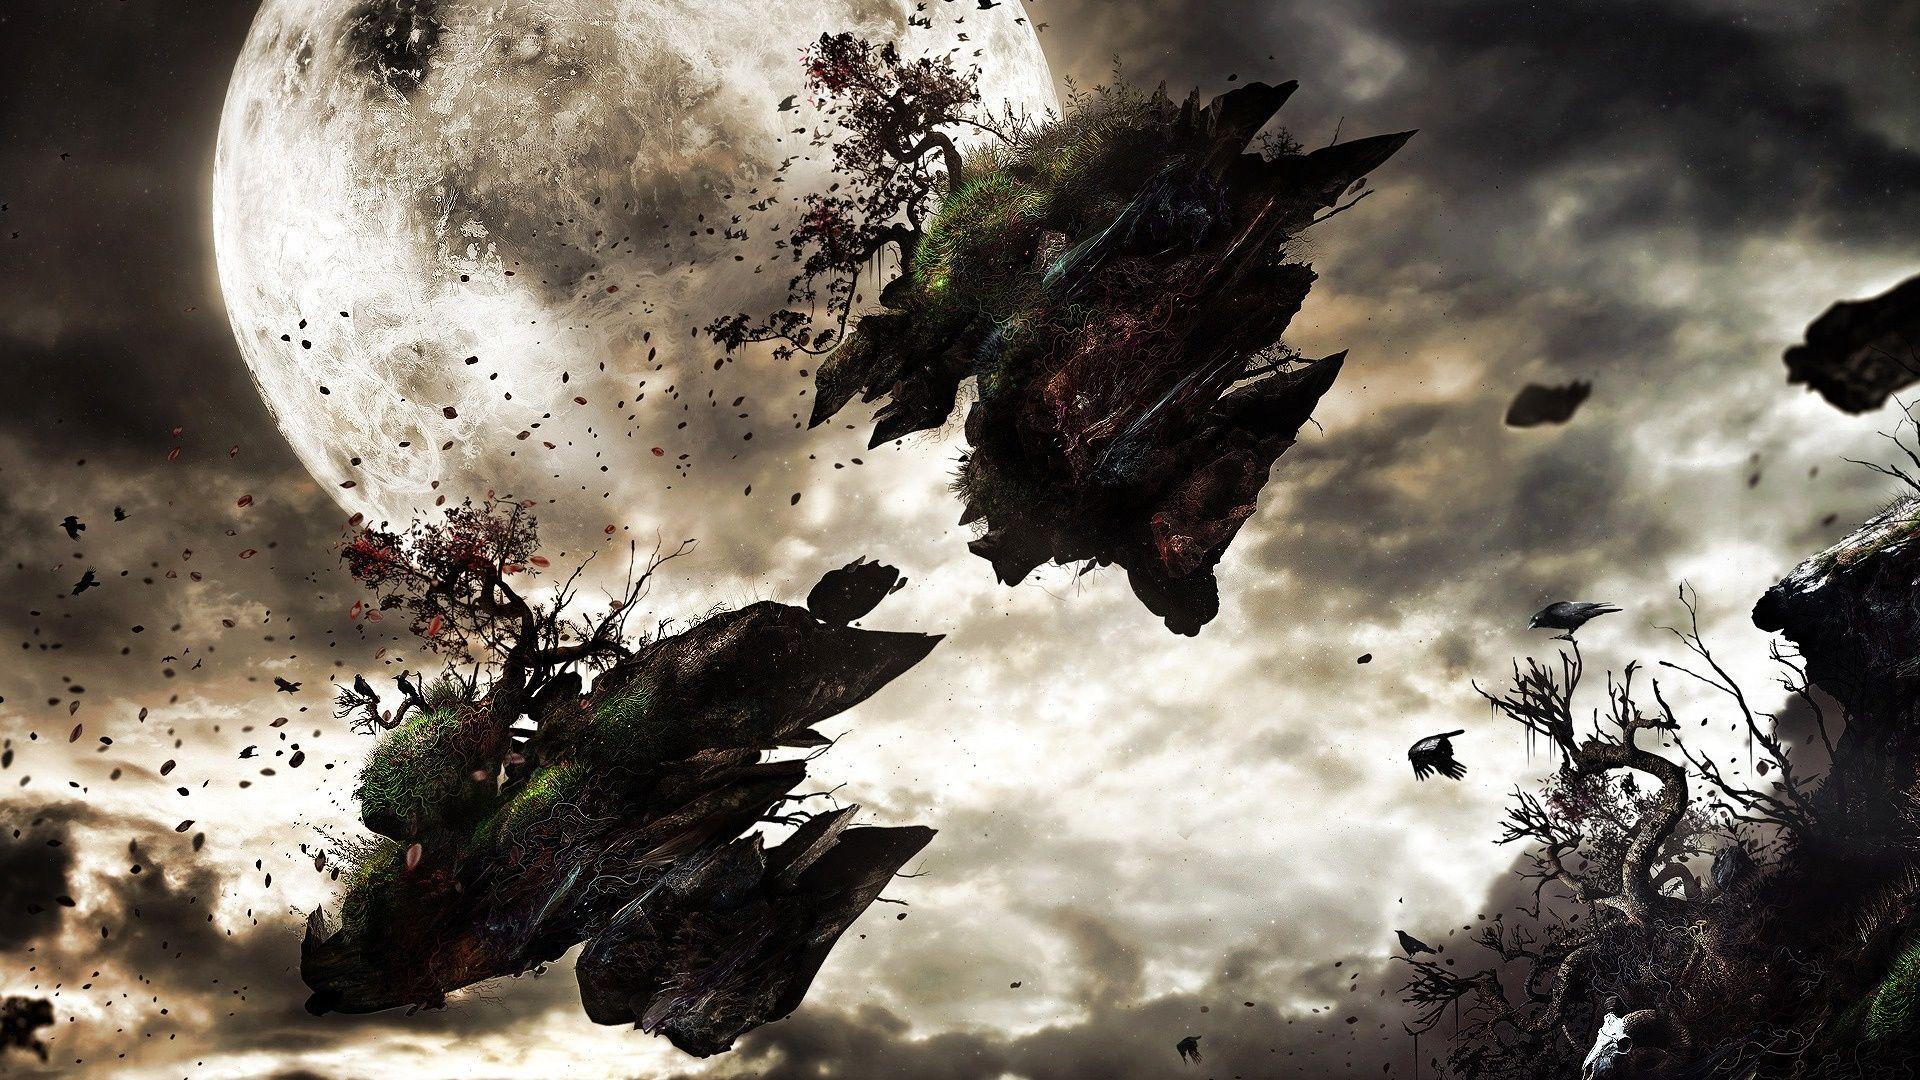 Http Dark Pozadia Org Images Wallpapers 24835556 Dark Dark 20moon 20surreal 20scene Jpg Dark Wallpaper Art Wallpaper Fantasy World